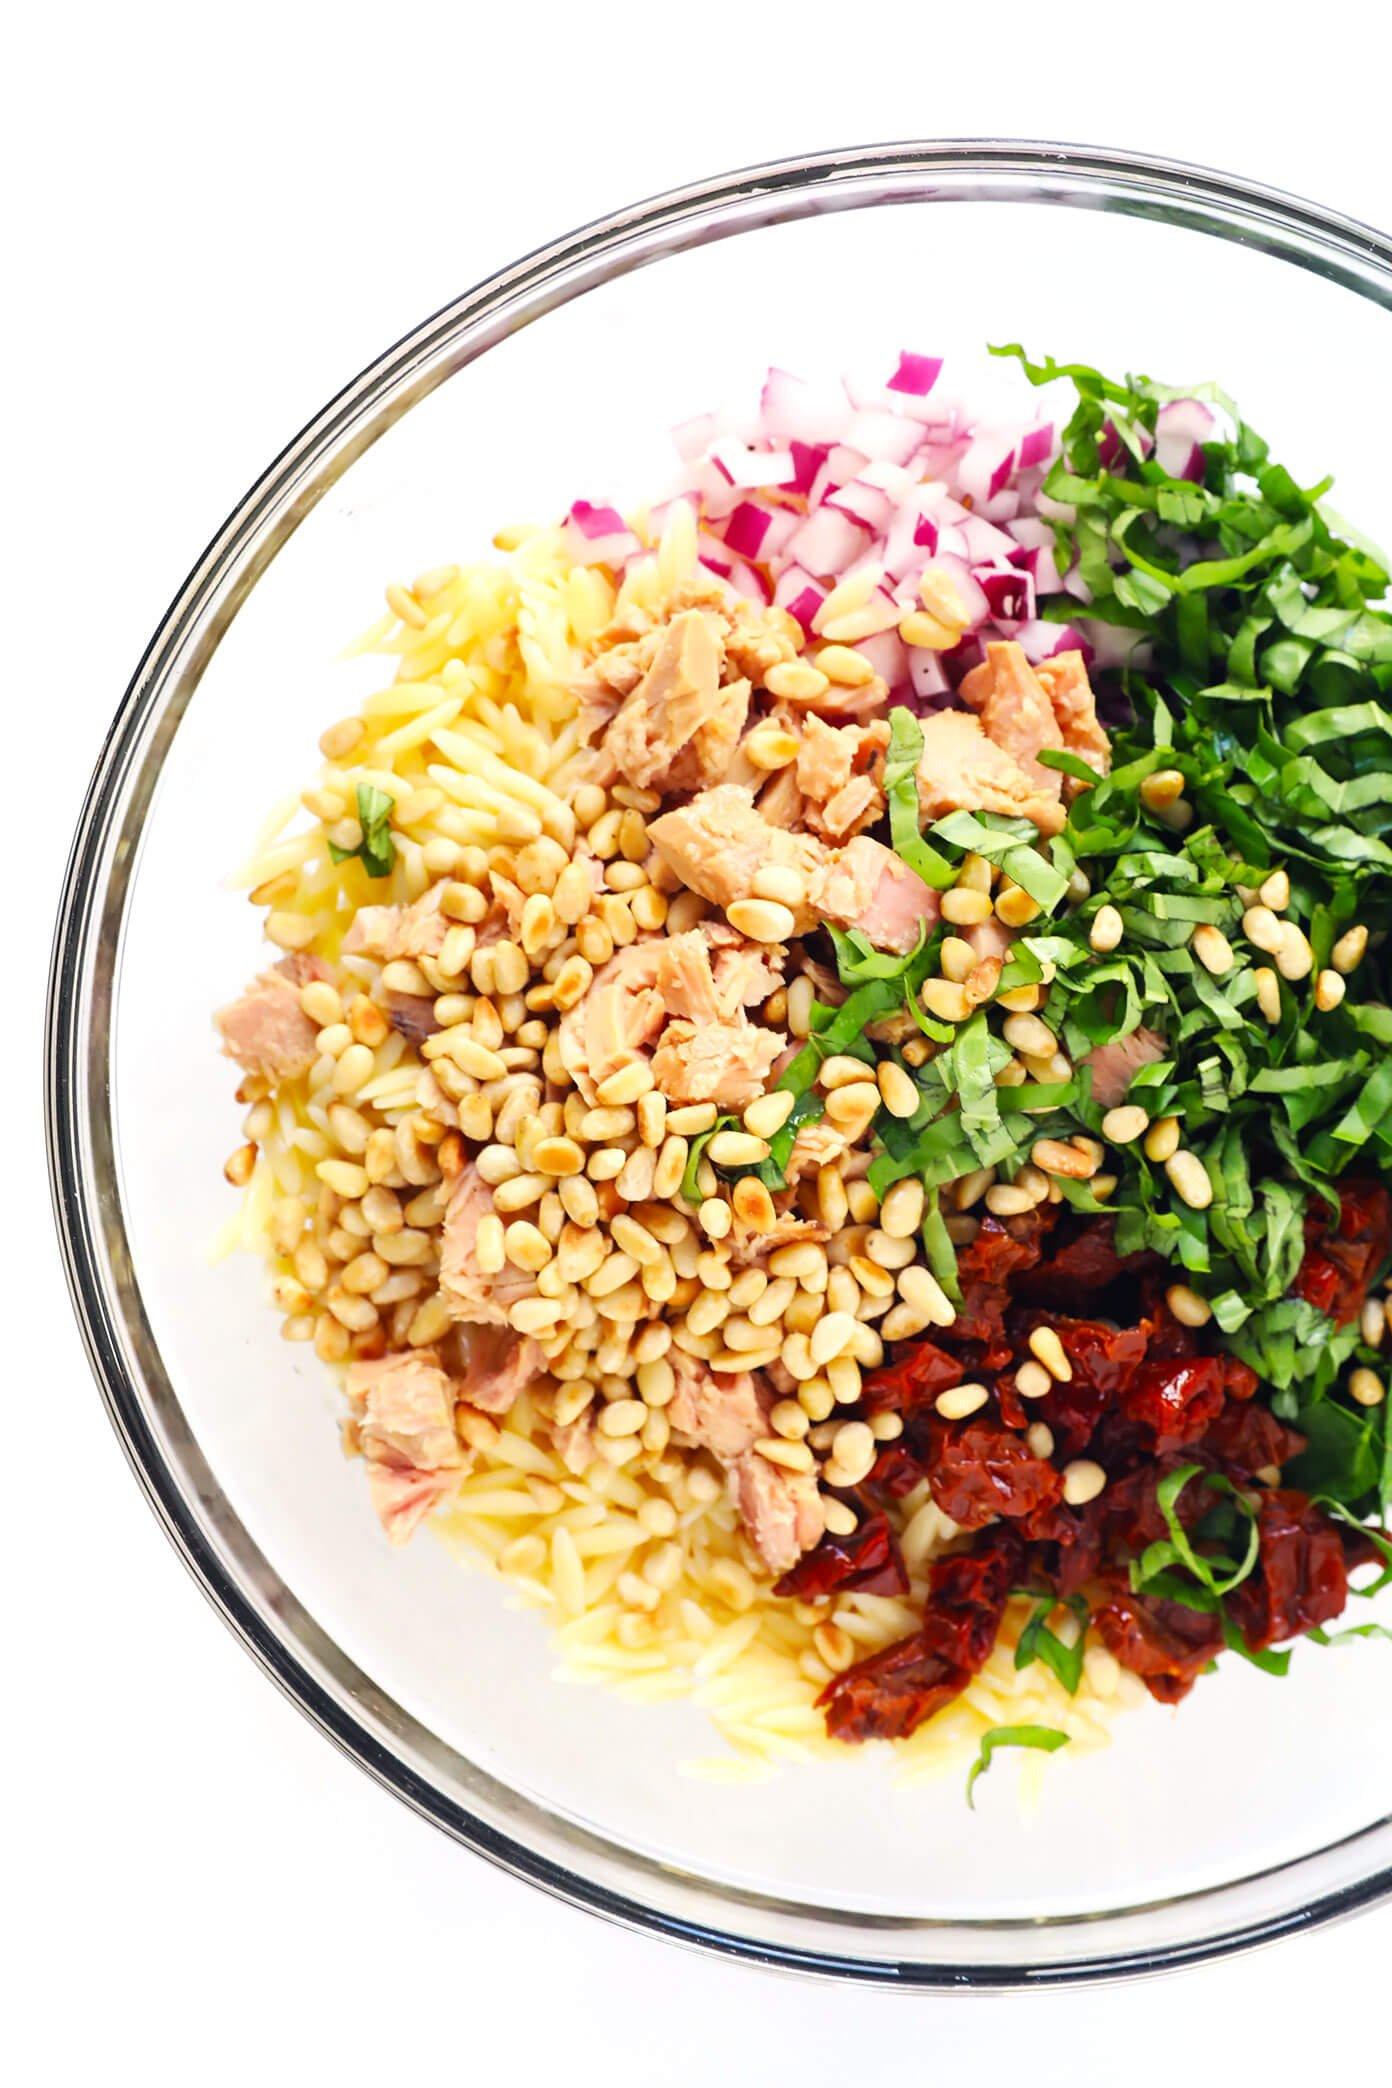 Italian Orzo Tuna Salad Ingredients